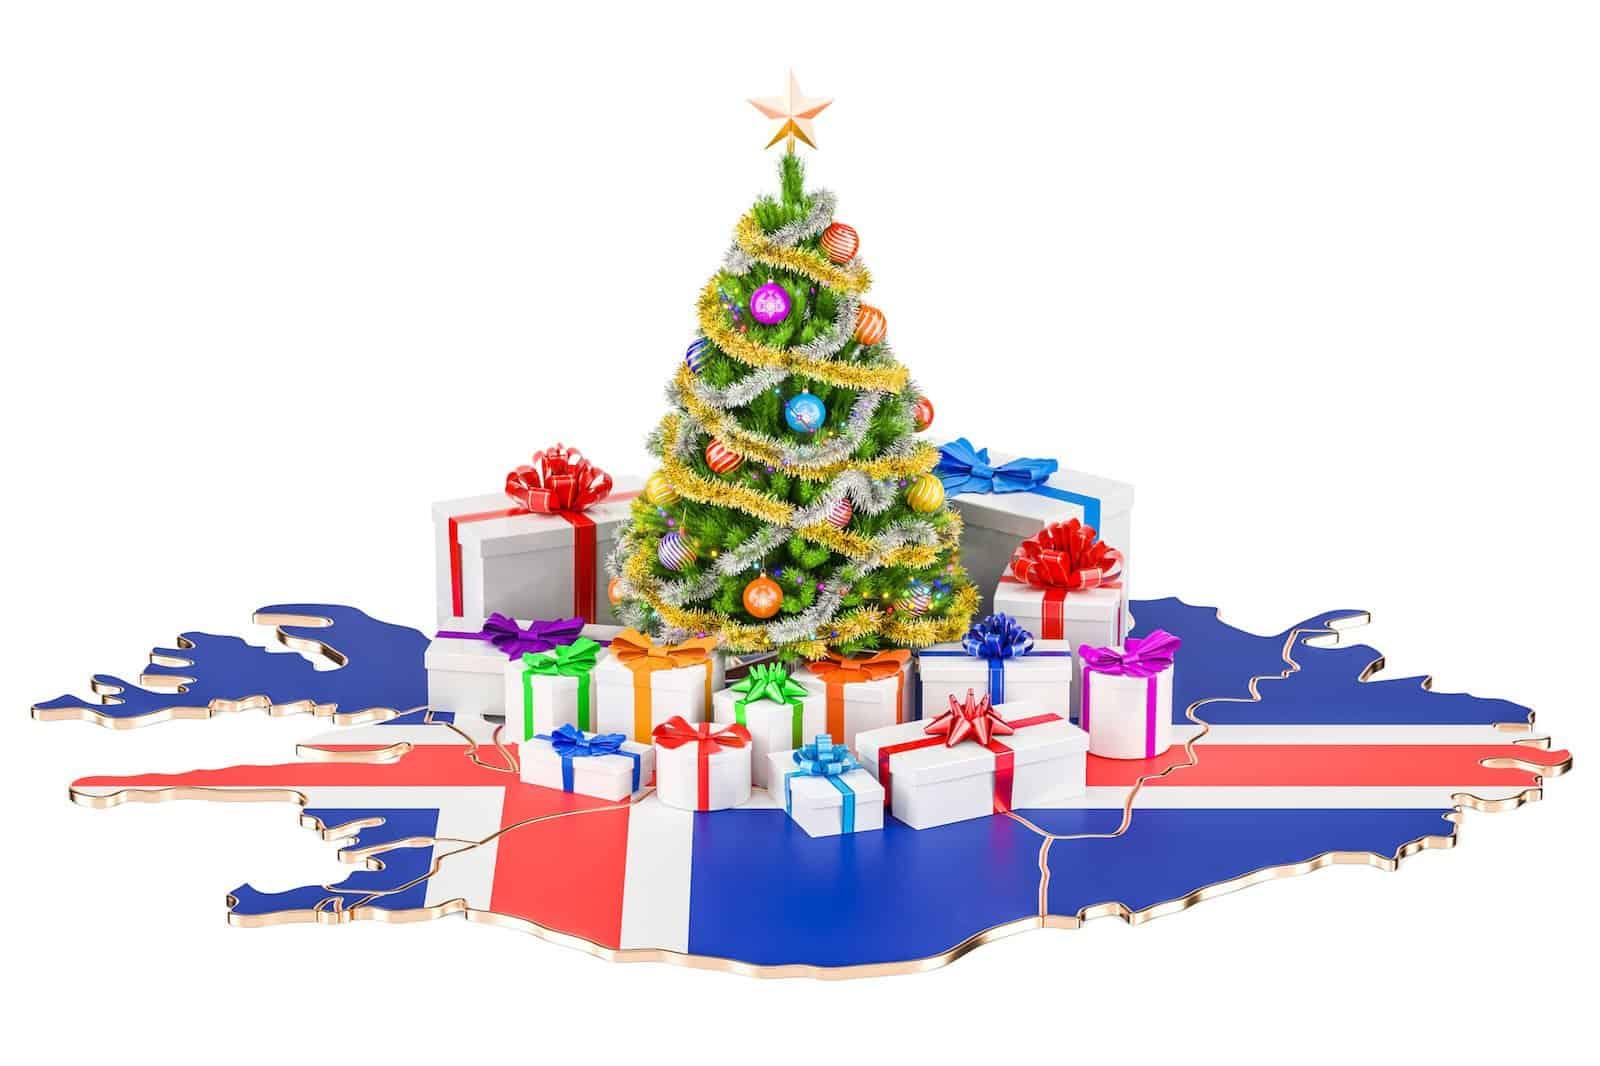 Isländisch Frohe Weihnachten.10 Wissenswerte Fakten Zur Isländischen Weihnacht Zauber Des Nordens